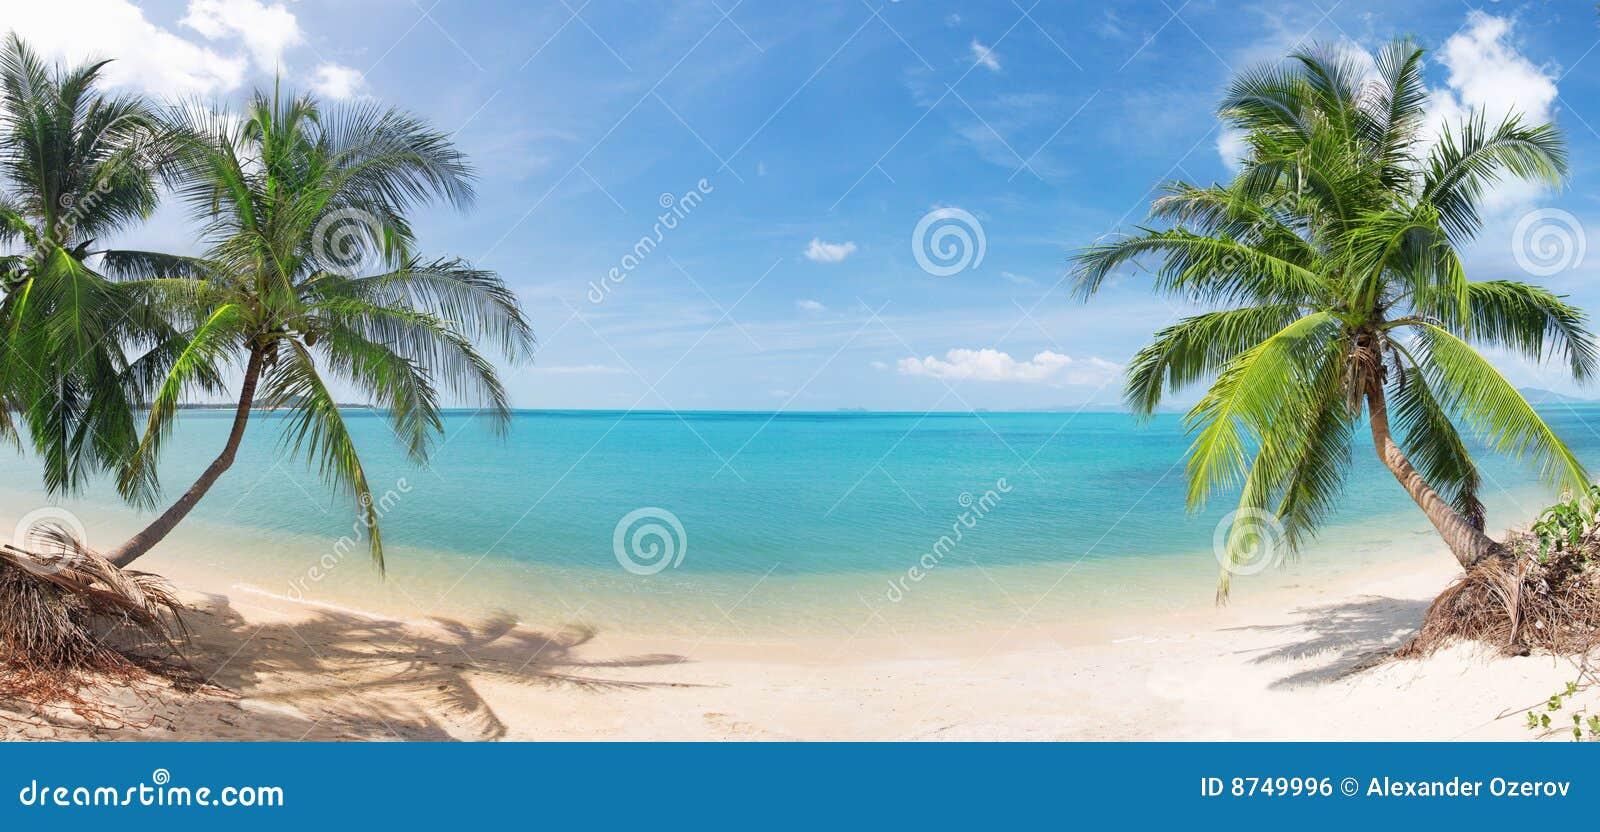 Spiaggia tropicale panoramica con la palma di noce di cocco